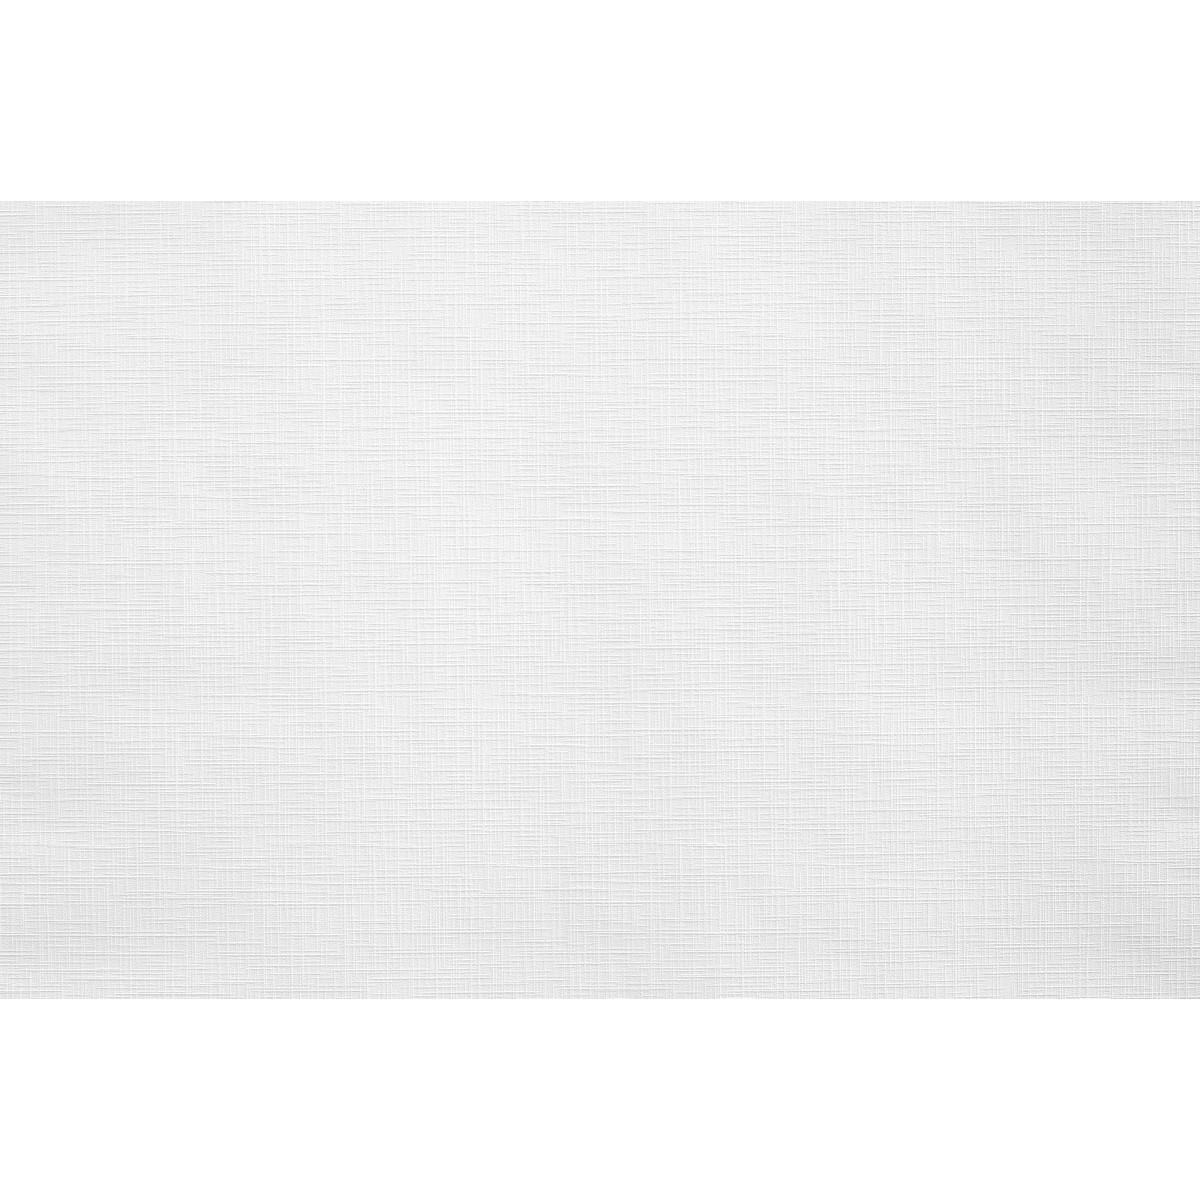 Обои флизелиновые Артекс белые 1.06 м 55005